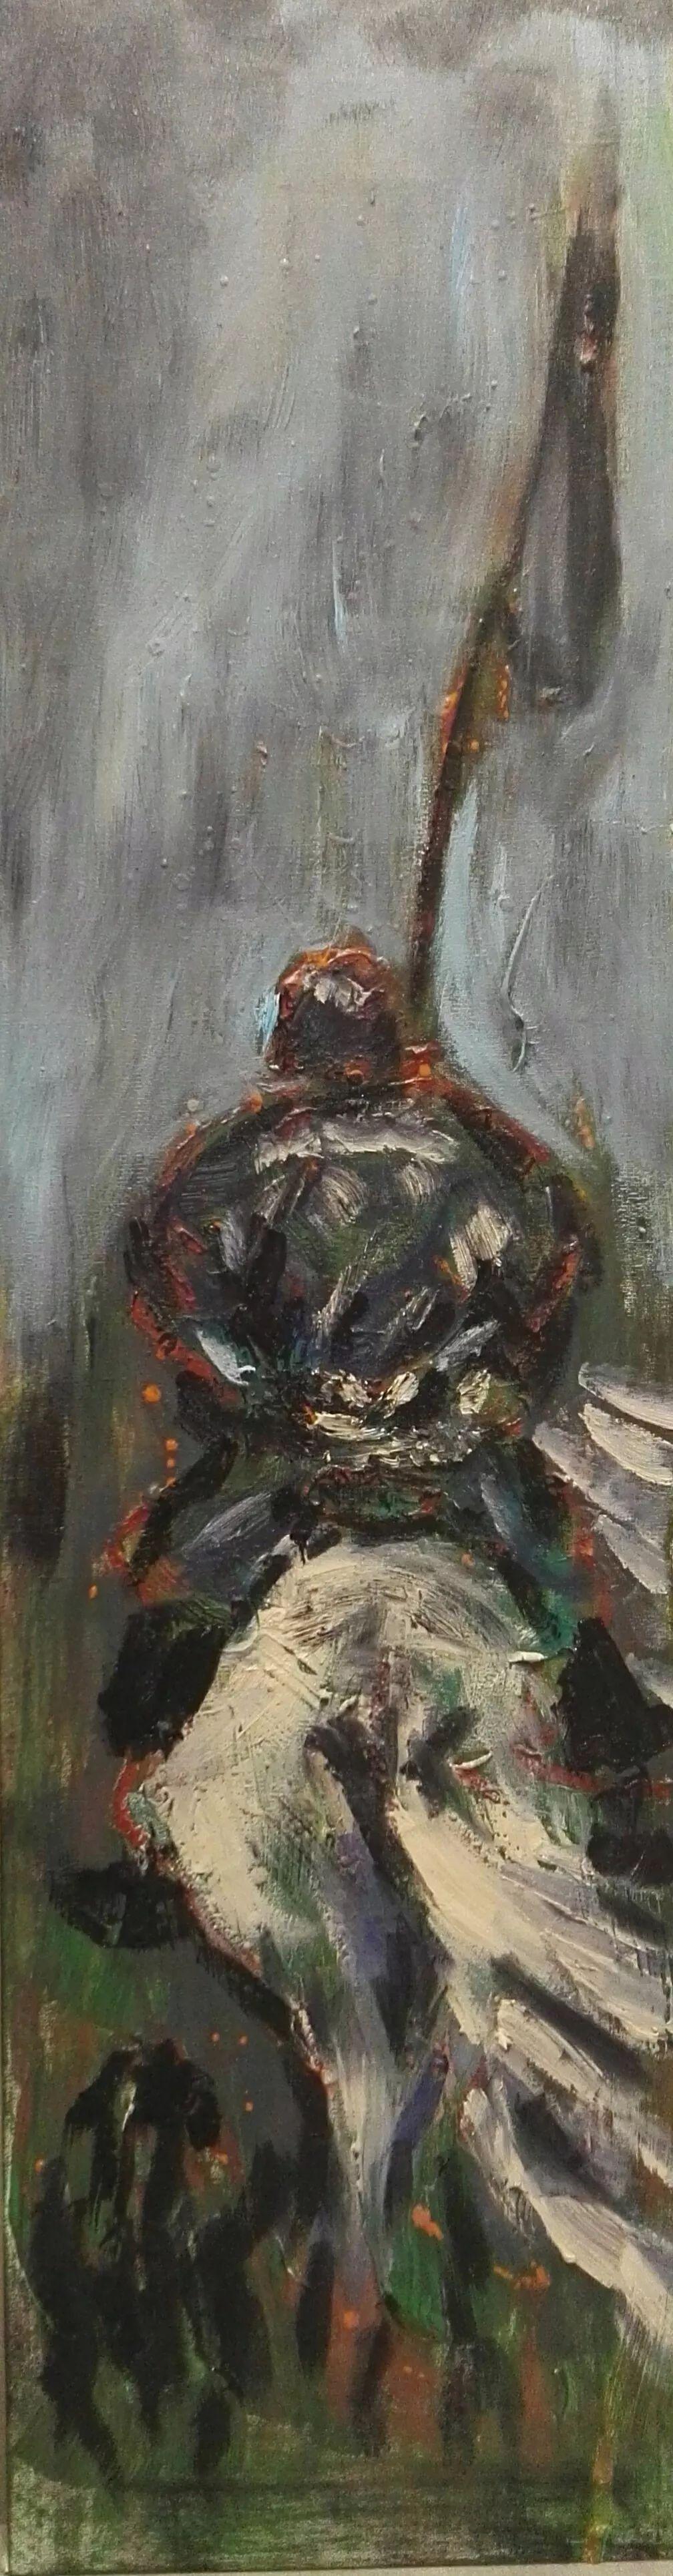 中国当代蒙古族实力派青年画家,雕塑艺术家阿鲁斯 第24张